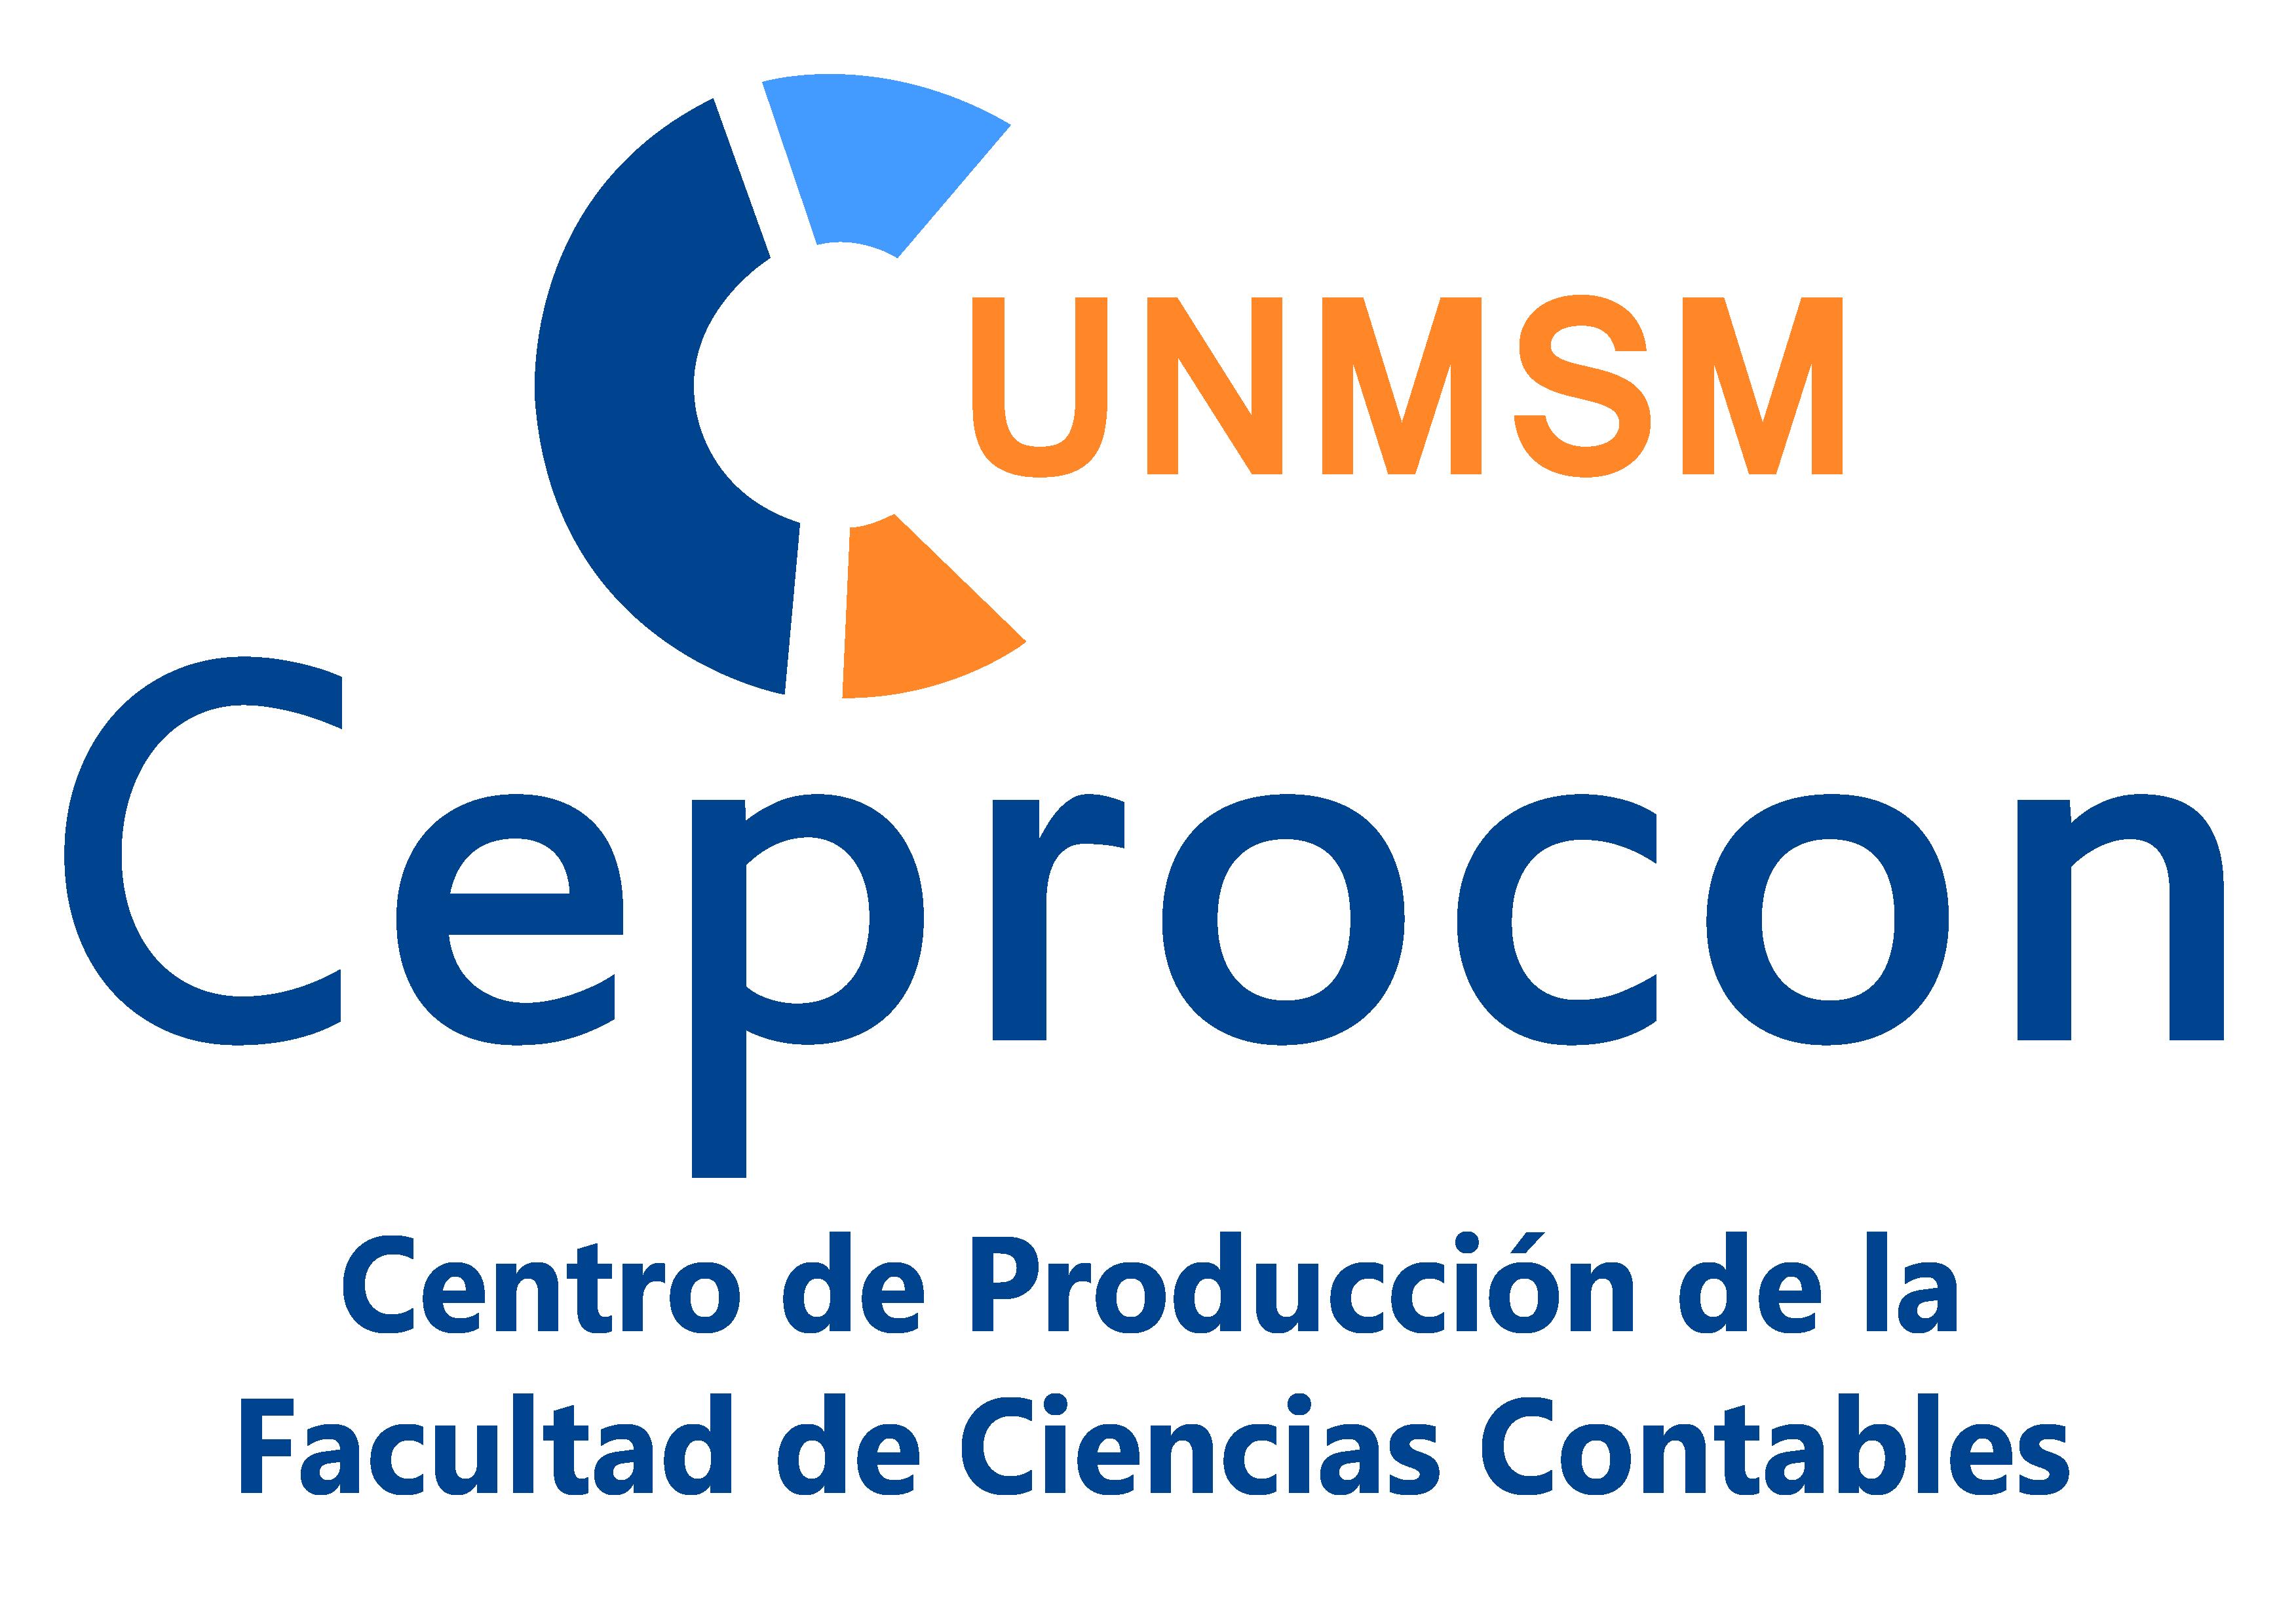 Ceprocon